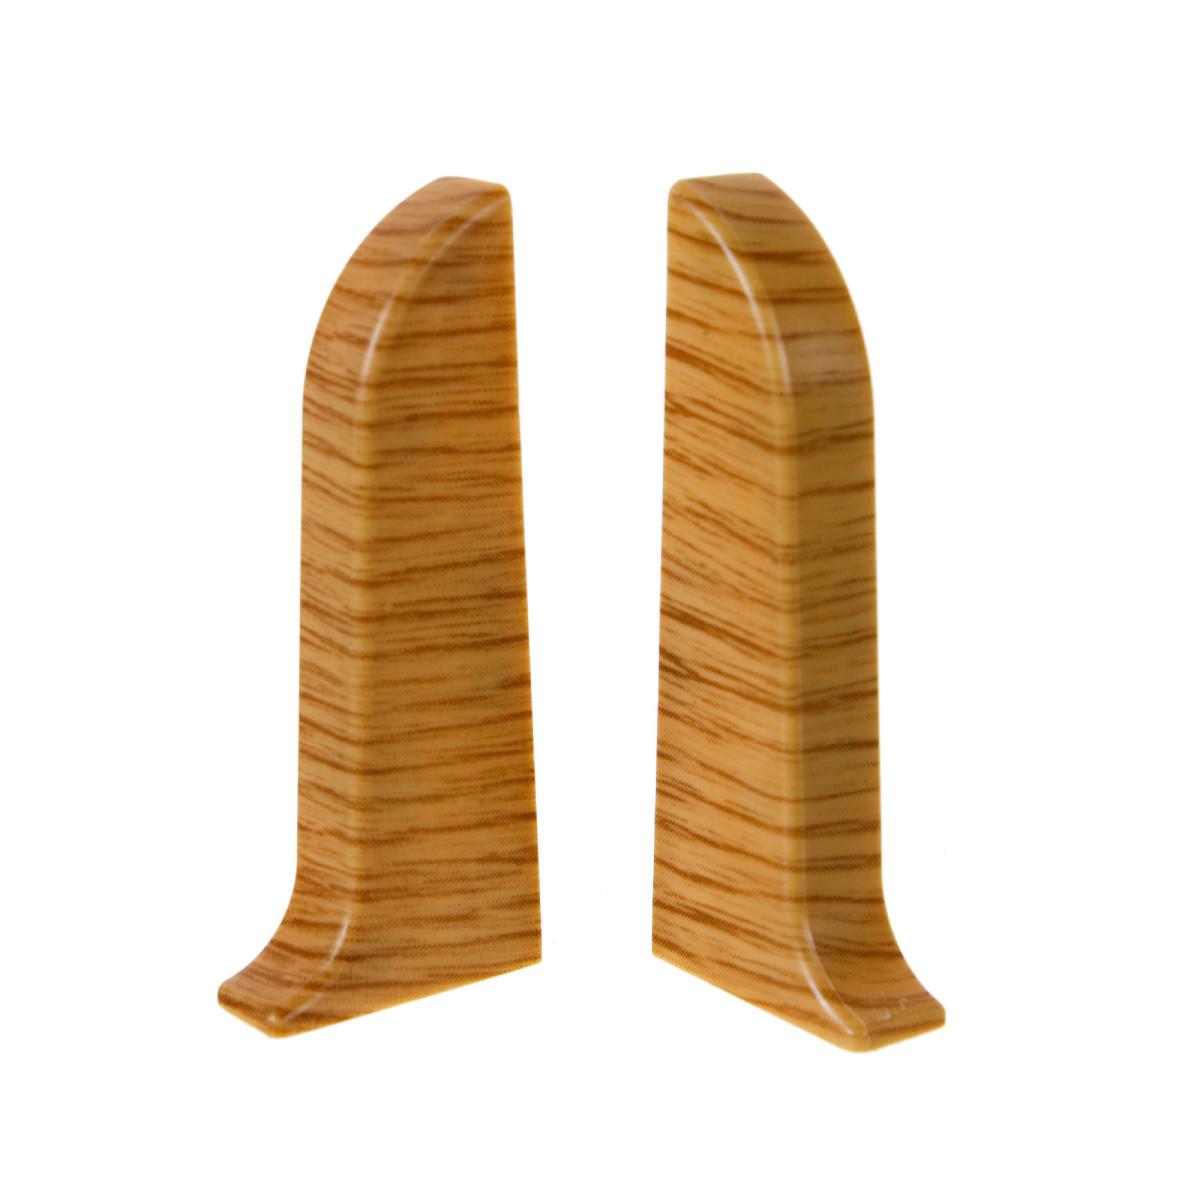 Заглушка для плинтуса левая и правая BOLES В017 Дуб Темноцветный 58 мм 2 шт.